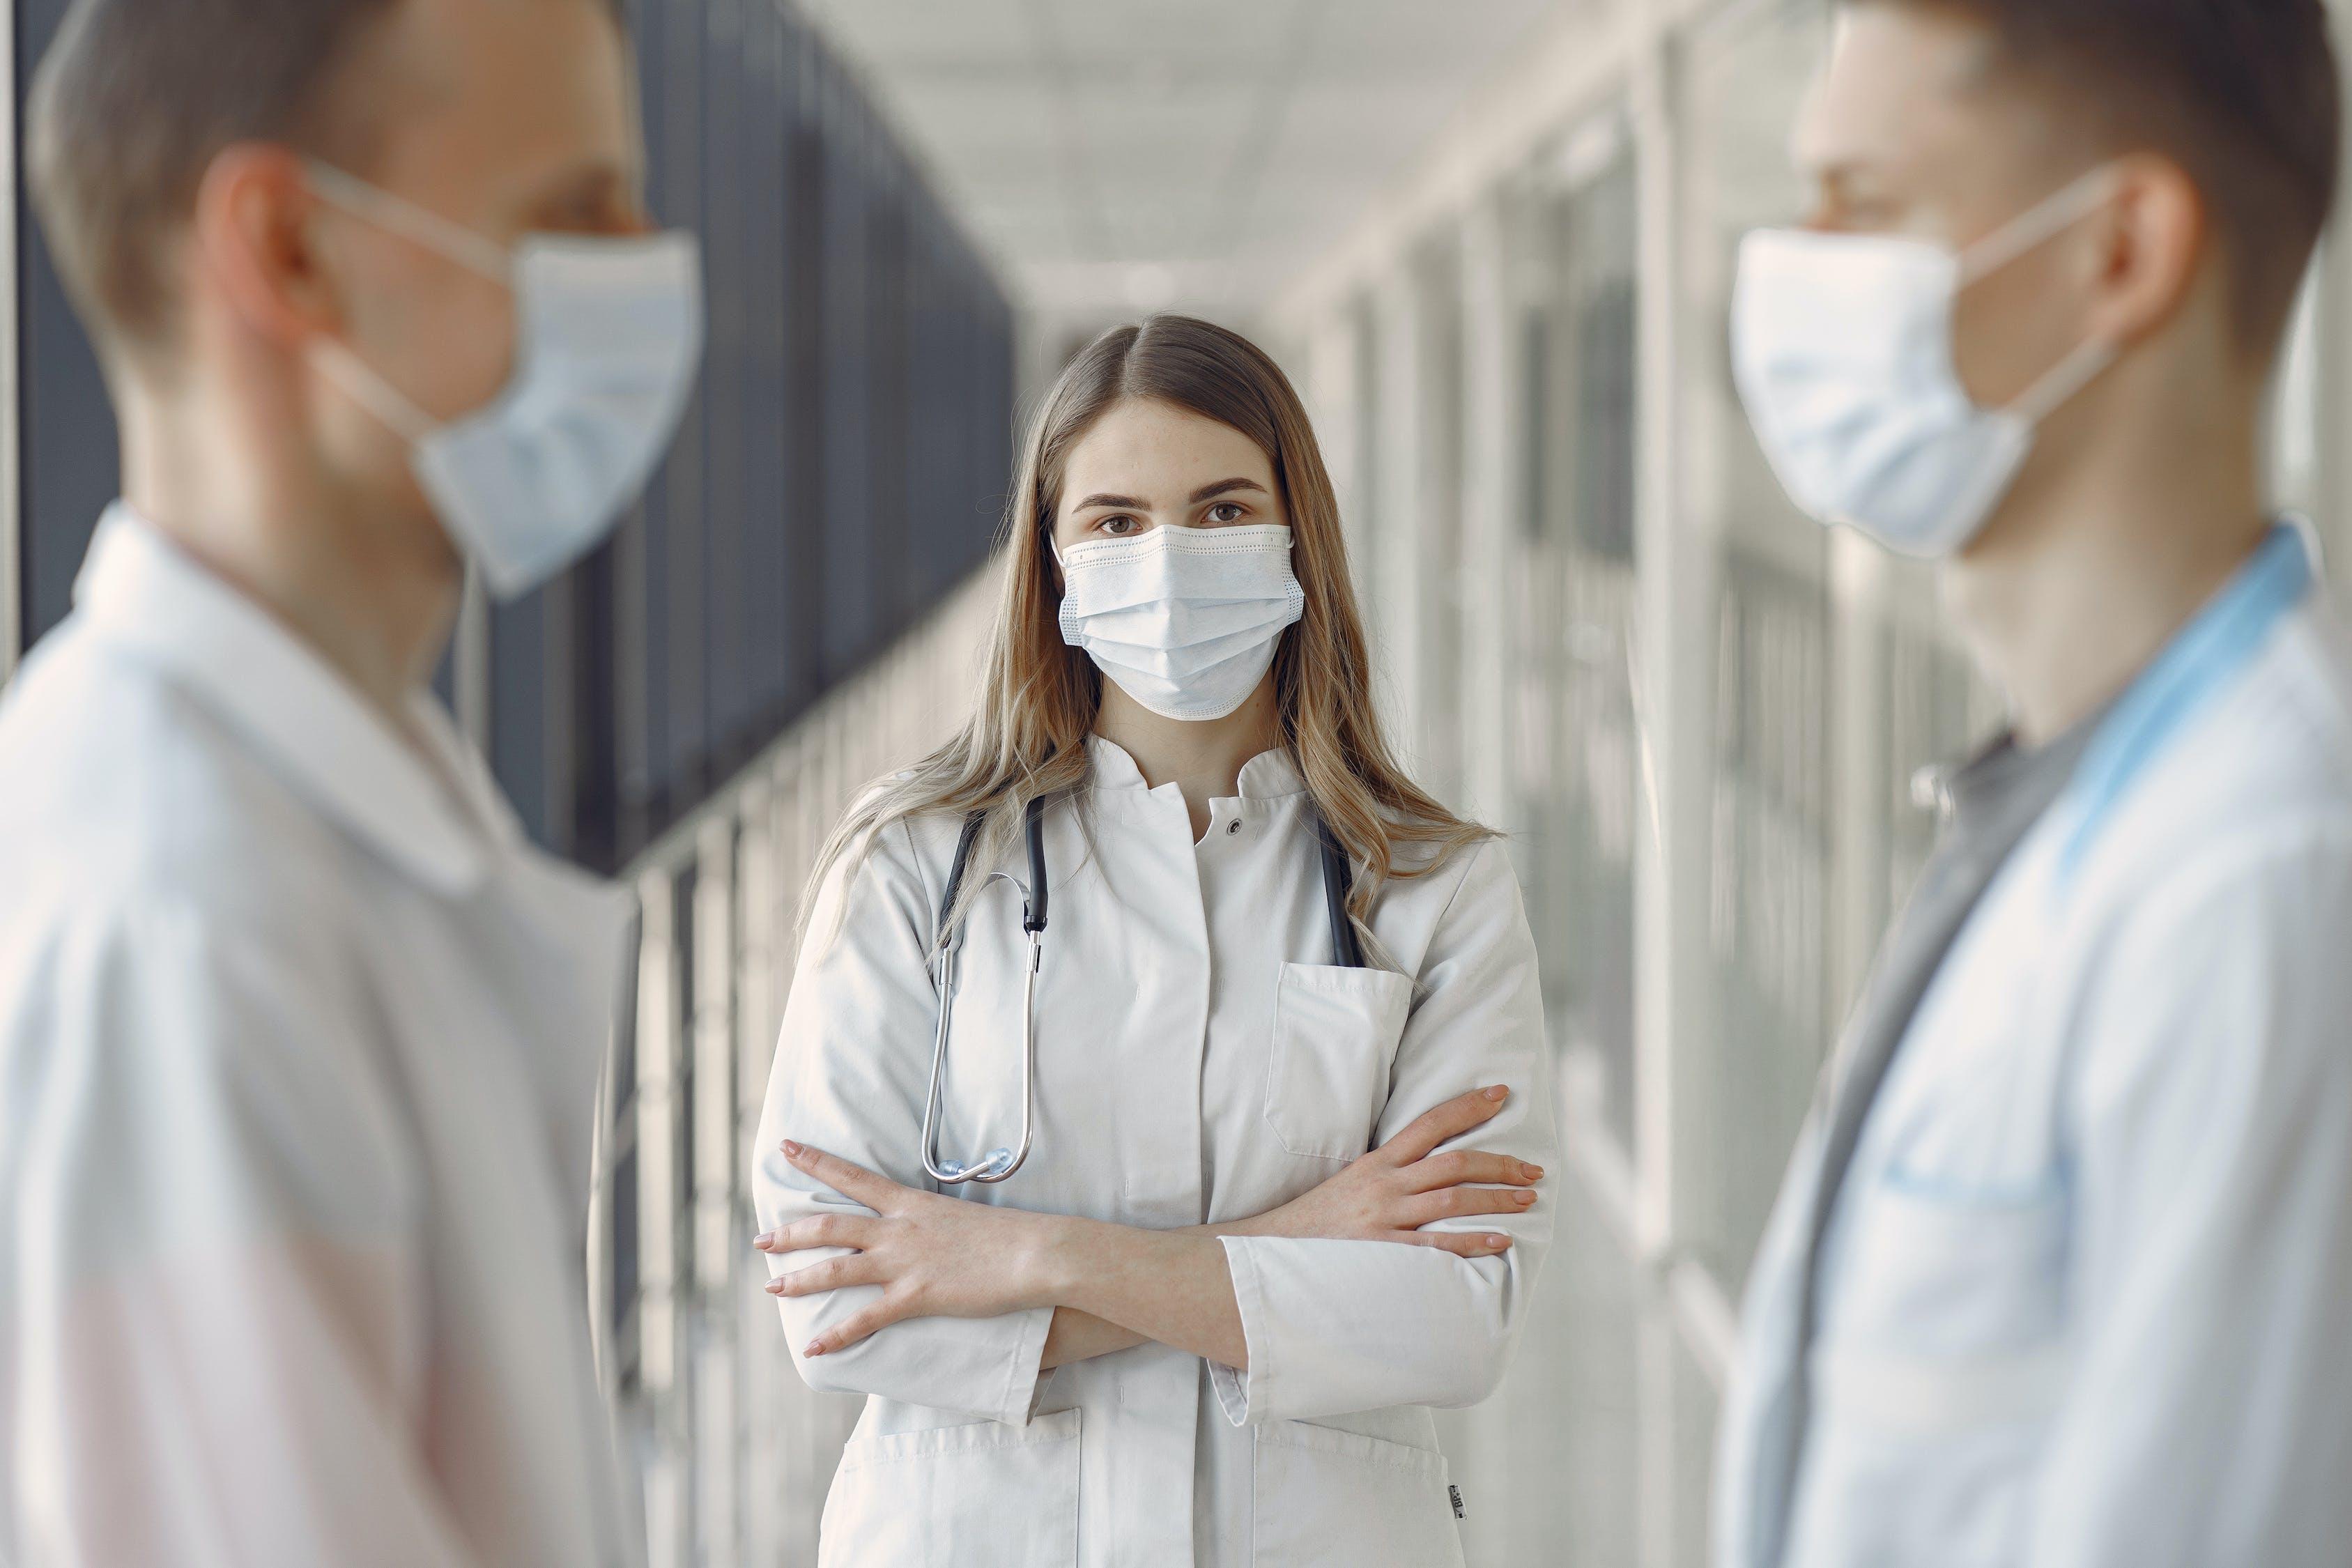 định cư canada với vai trò nhân viên y tế chăm sóc sức khỏe